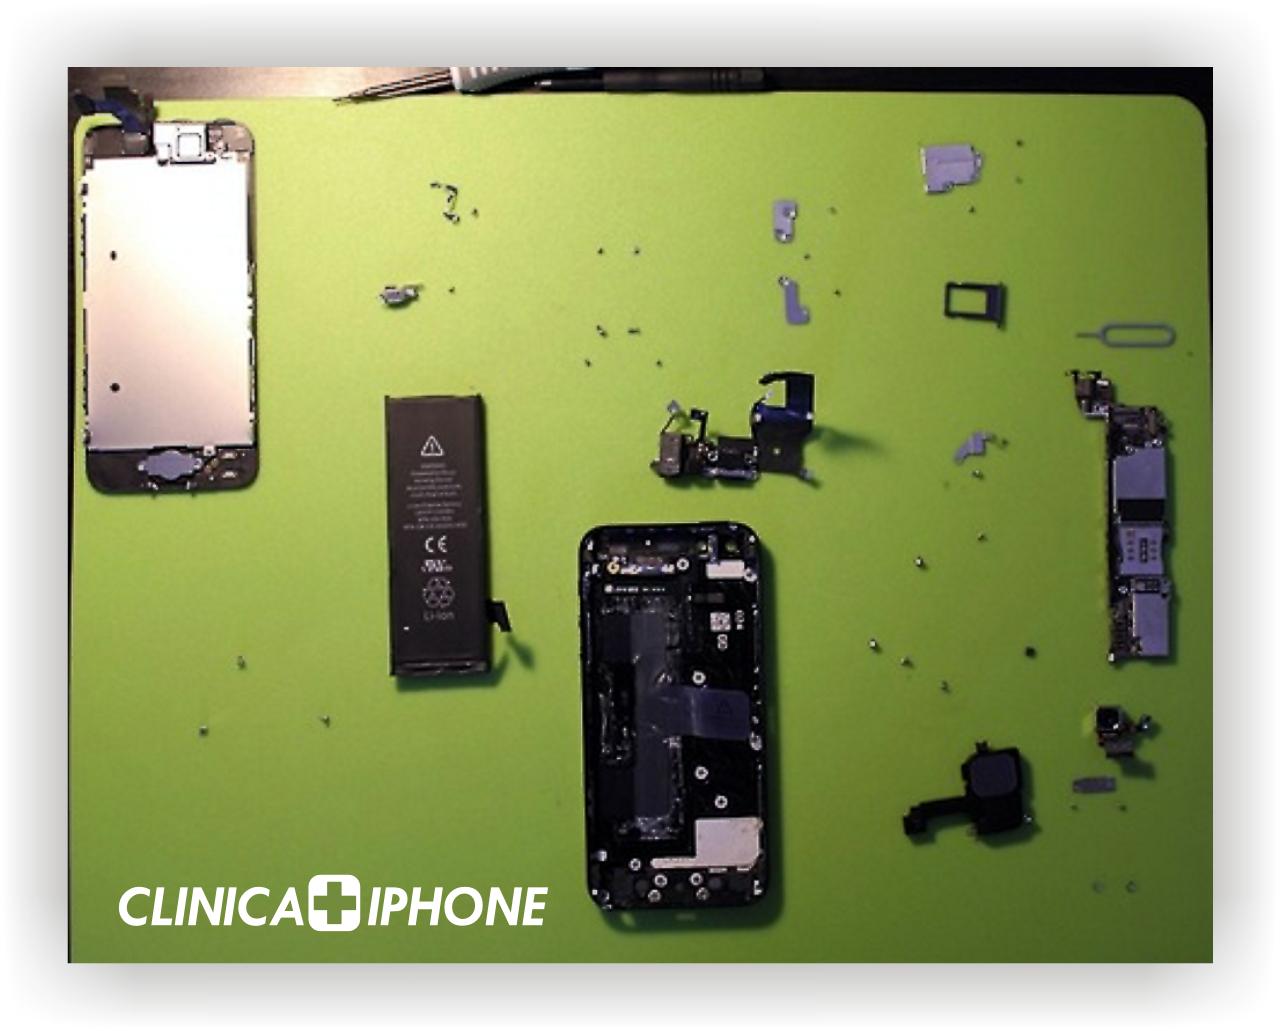 smontaggio iphone 5, iphone 5 smontaggio, sostituzione display, istruzioni smontaggio iphone 5, riparazione iphone 5 roma , riparazione iphone 5 a roma,